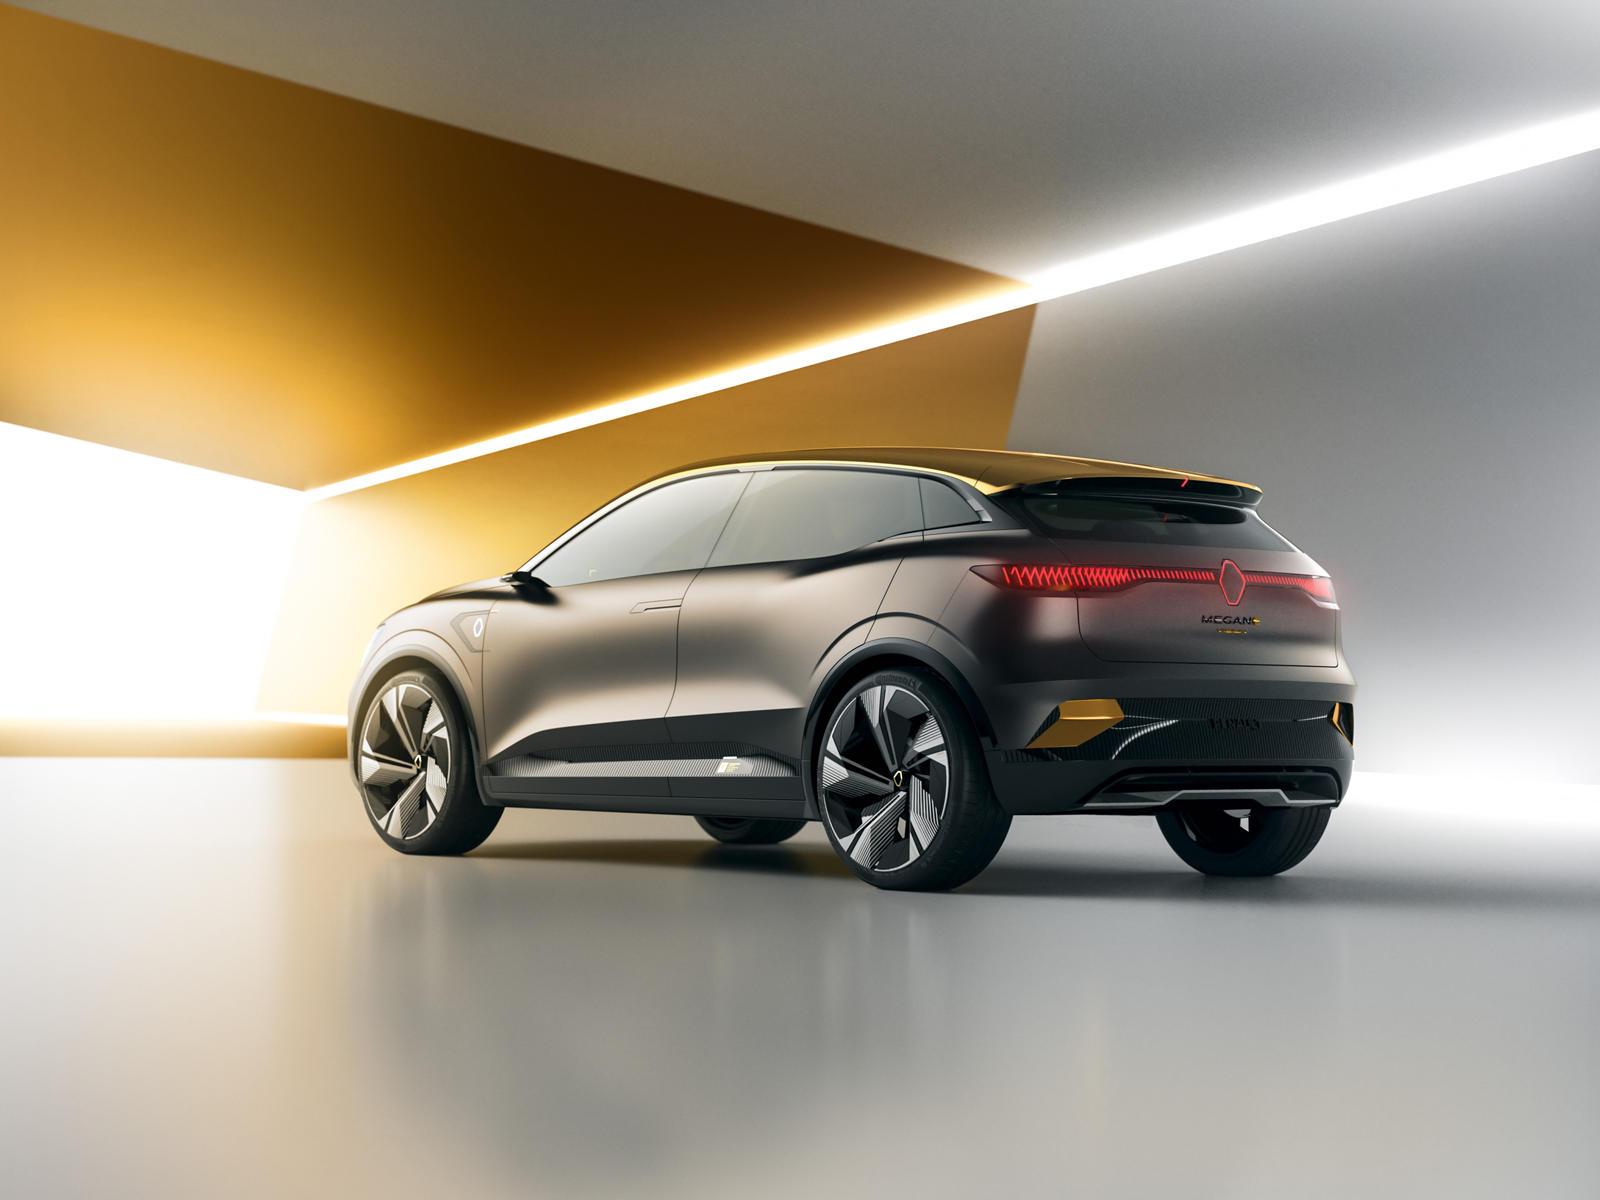 Лука Де Мео, генеральный директор Groupe Renault, сказал: «Благодаря нашей совершенно новой платформе Alliance CMF-EV мы нарушили правила размера, использования, дизайна и энергоэффективности, чтобы представить шоу-кар Mégane eVision. Мы полностью ис